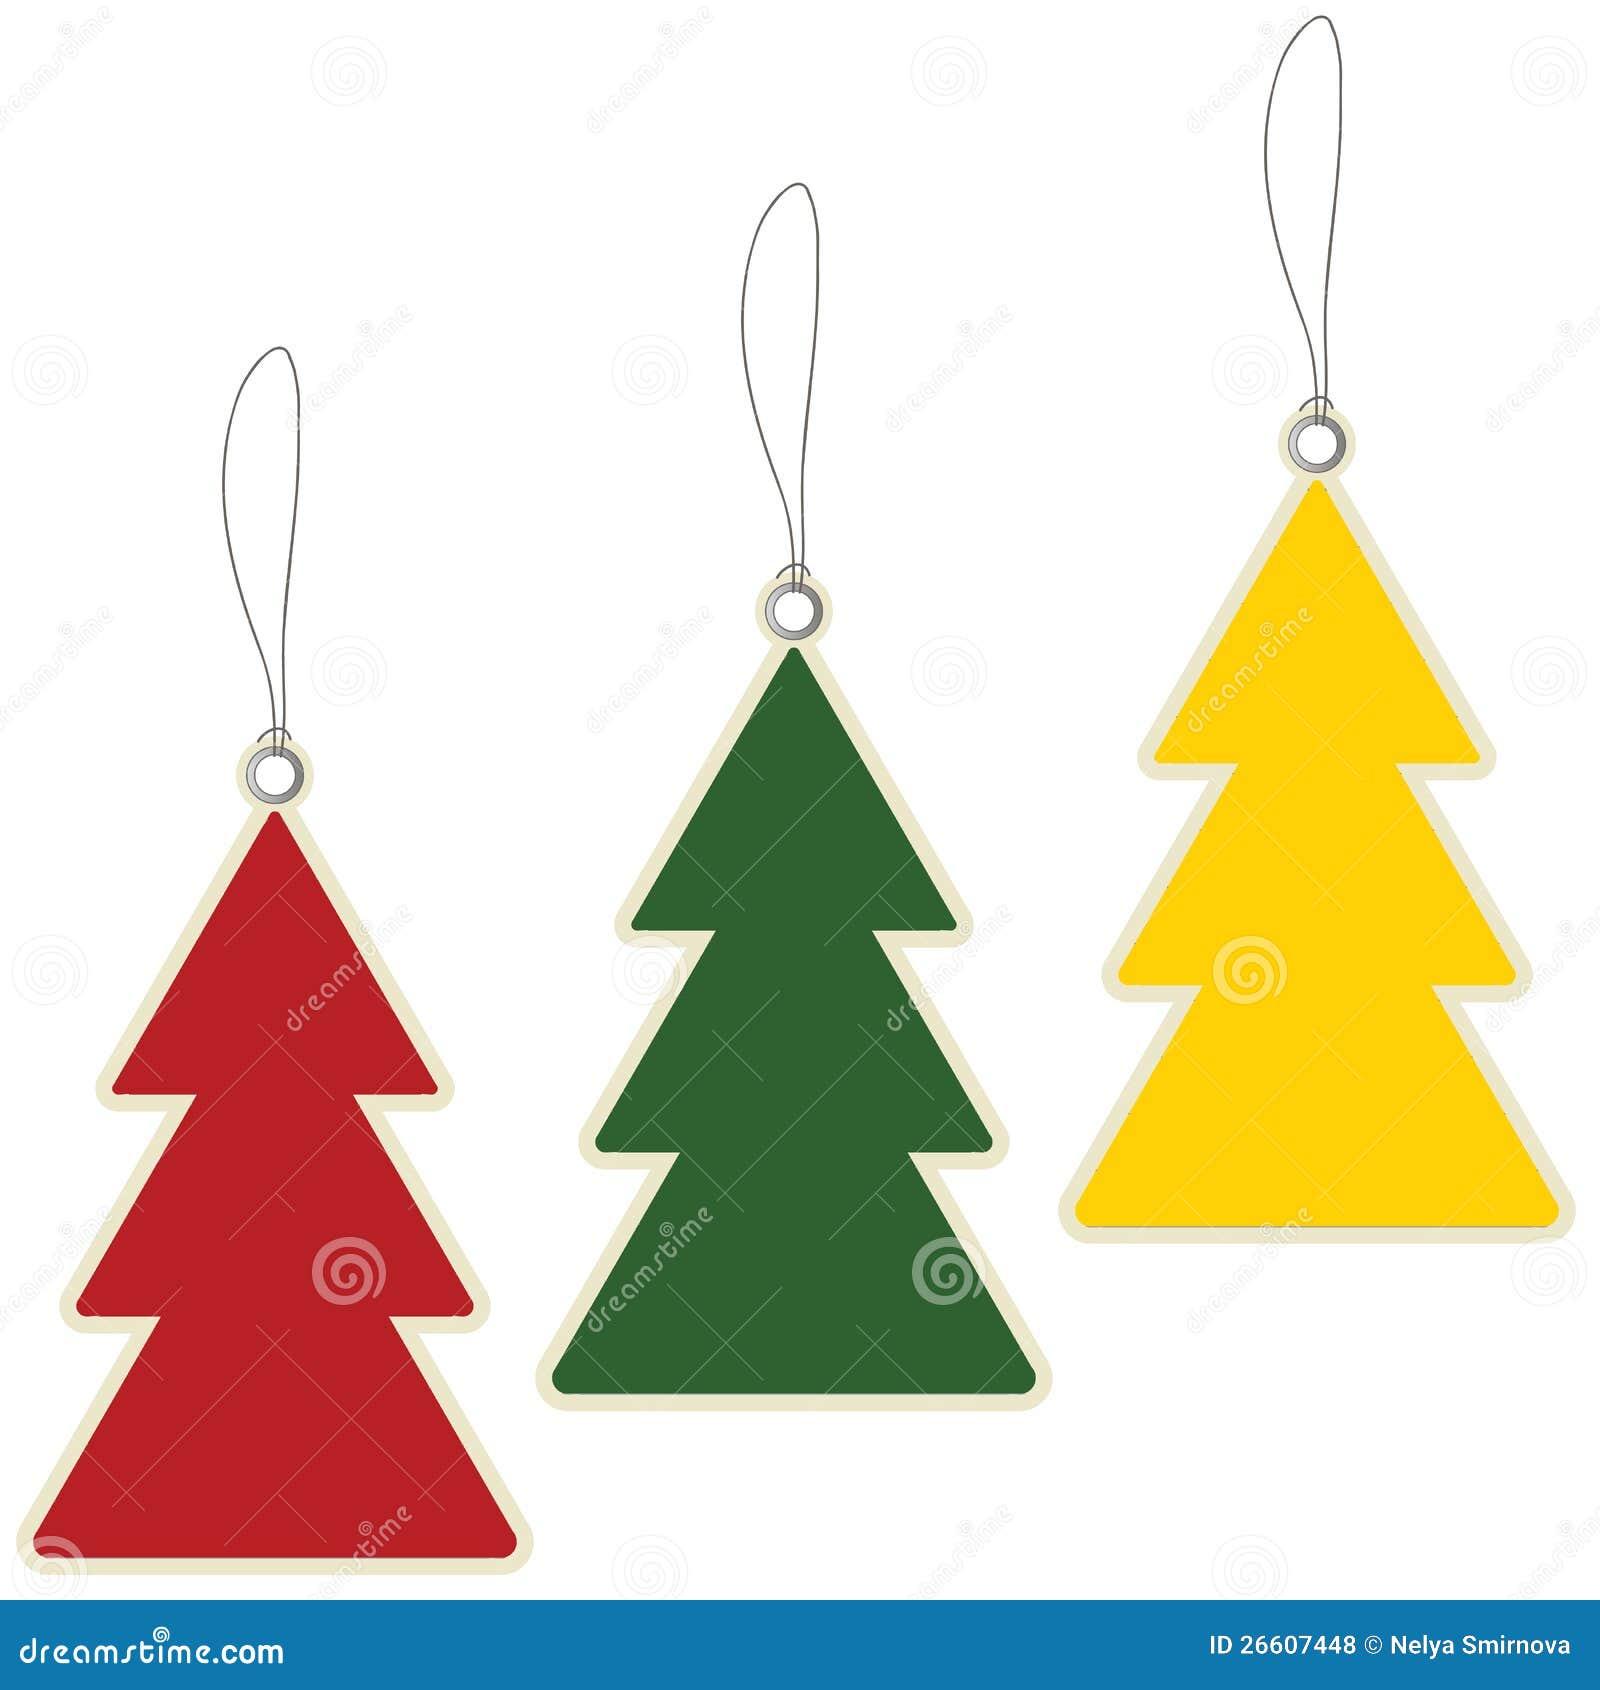 Christmas Tree Price Tags Royalty Free Stock Photos - Image: 26607448